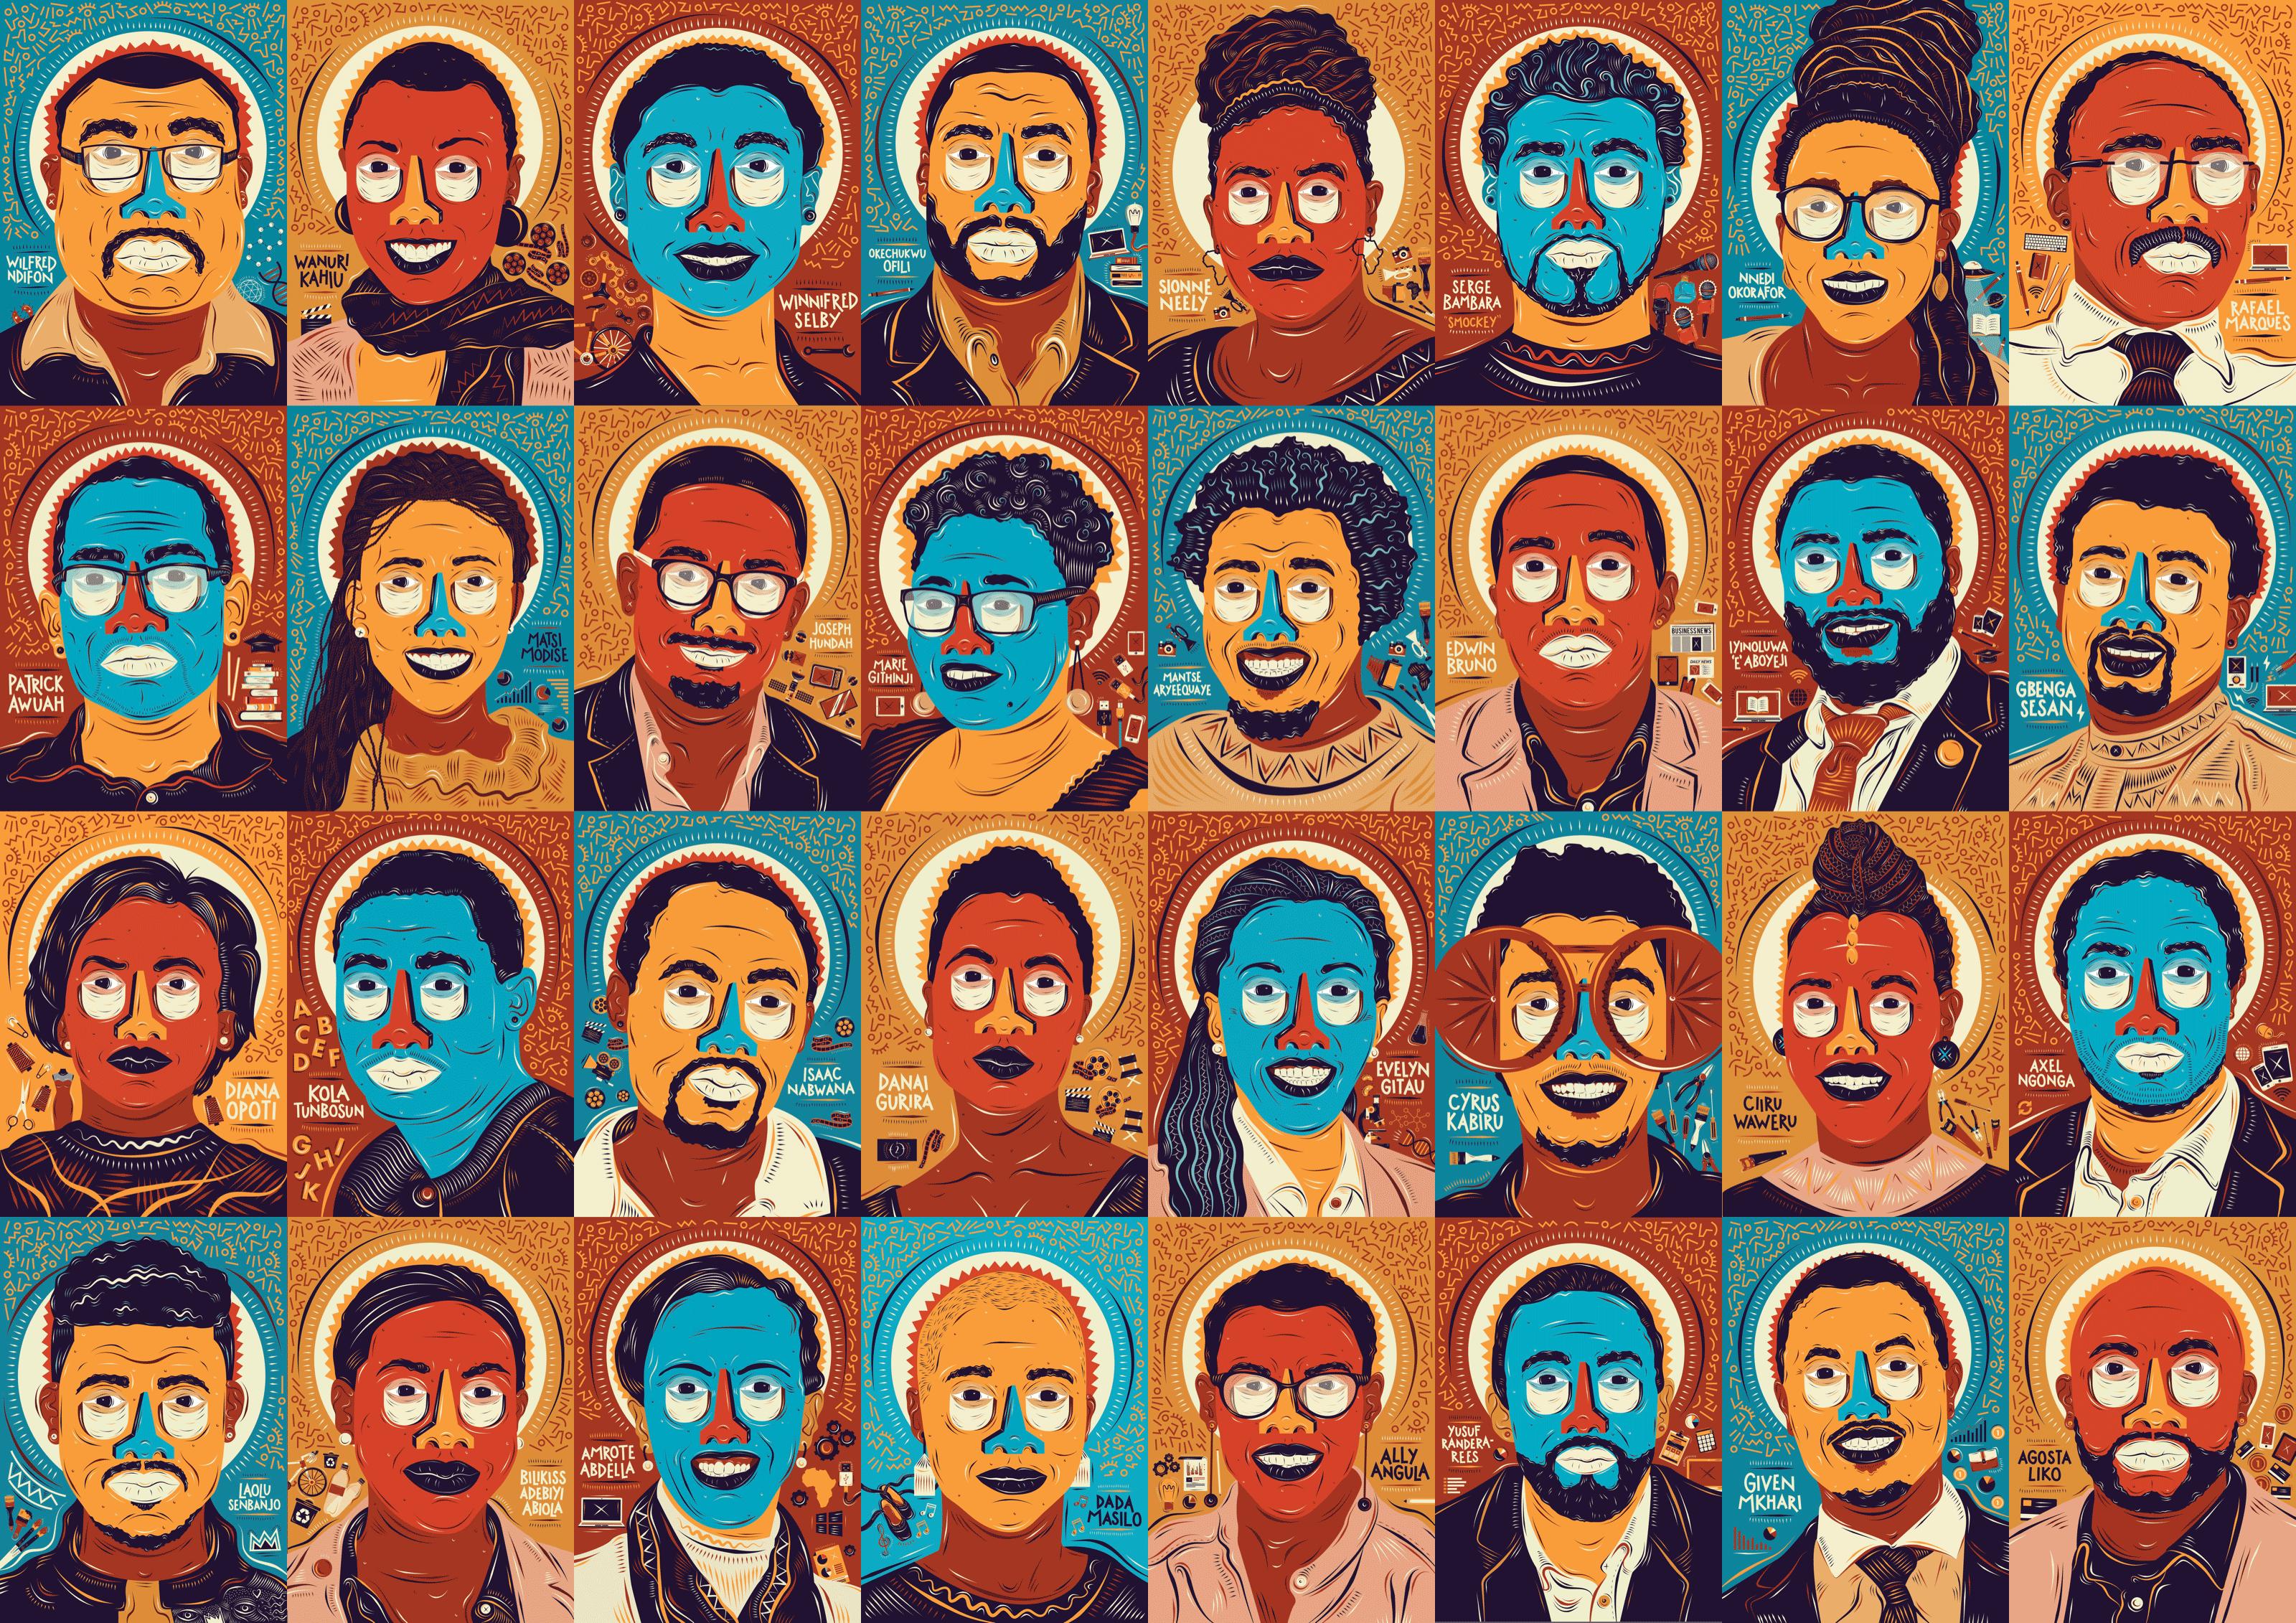 Africa Innovators 2016 (Karabo Moletsane for Quartz)